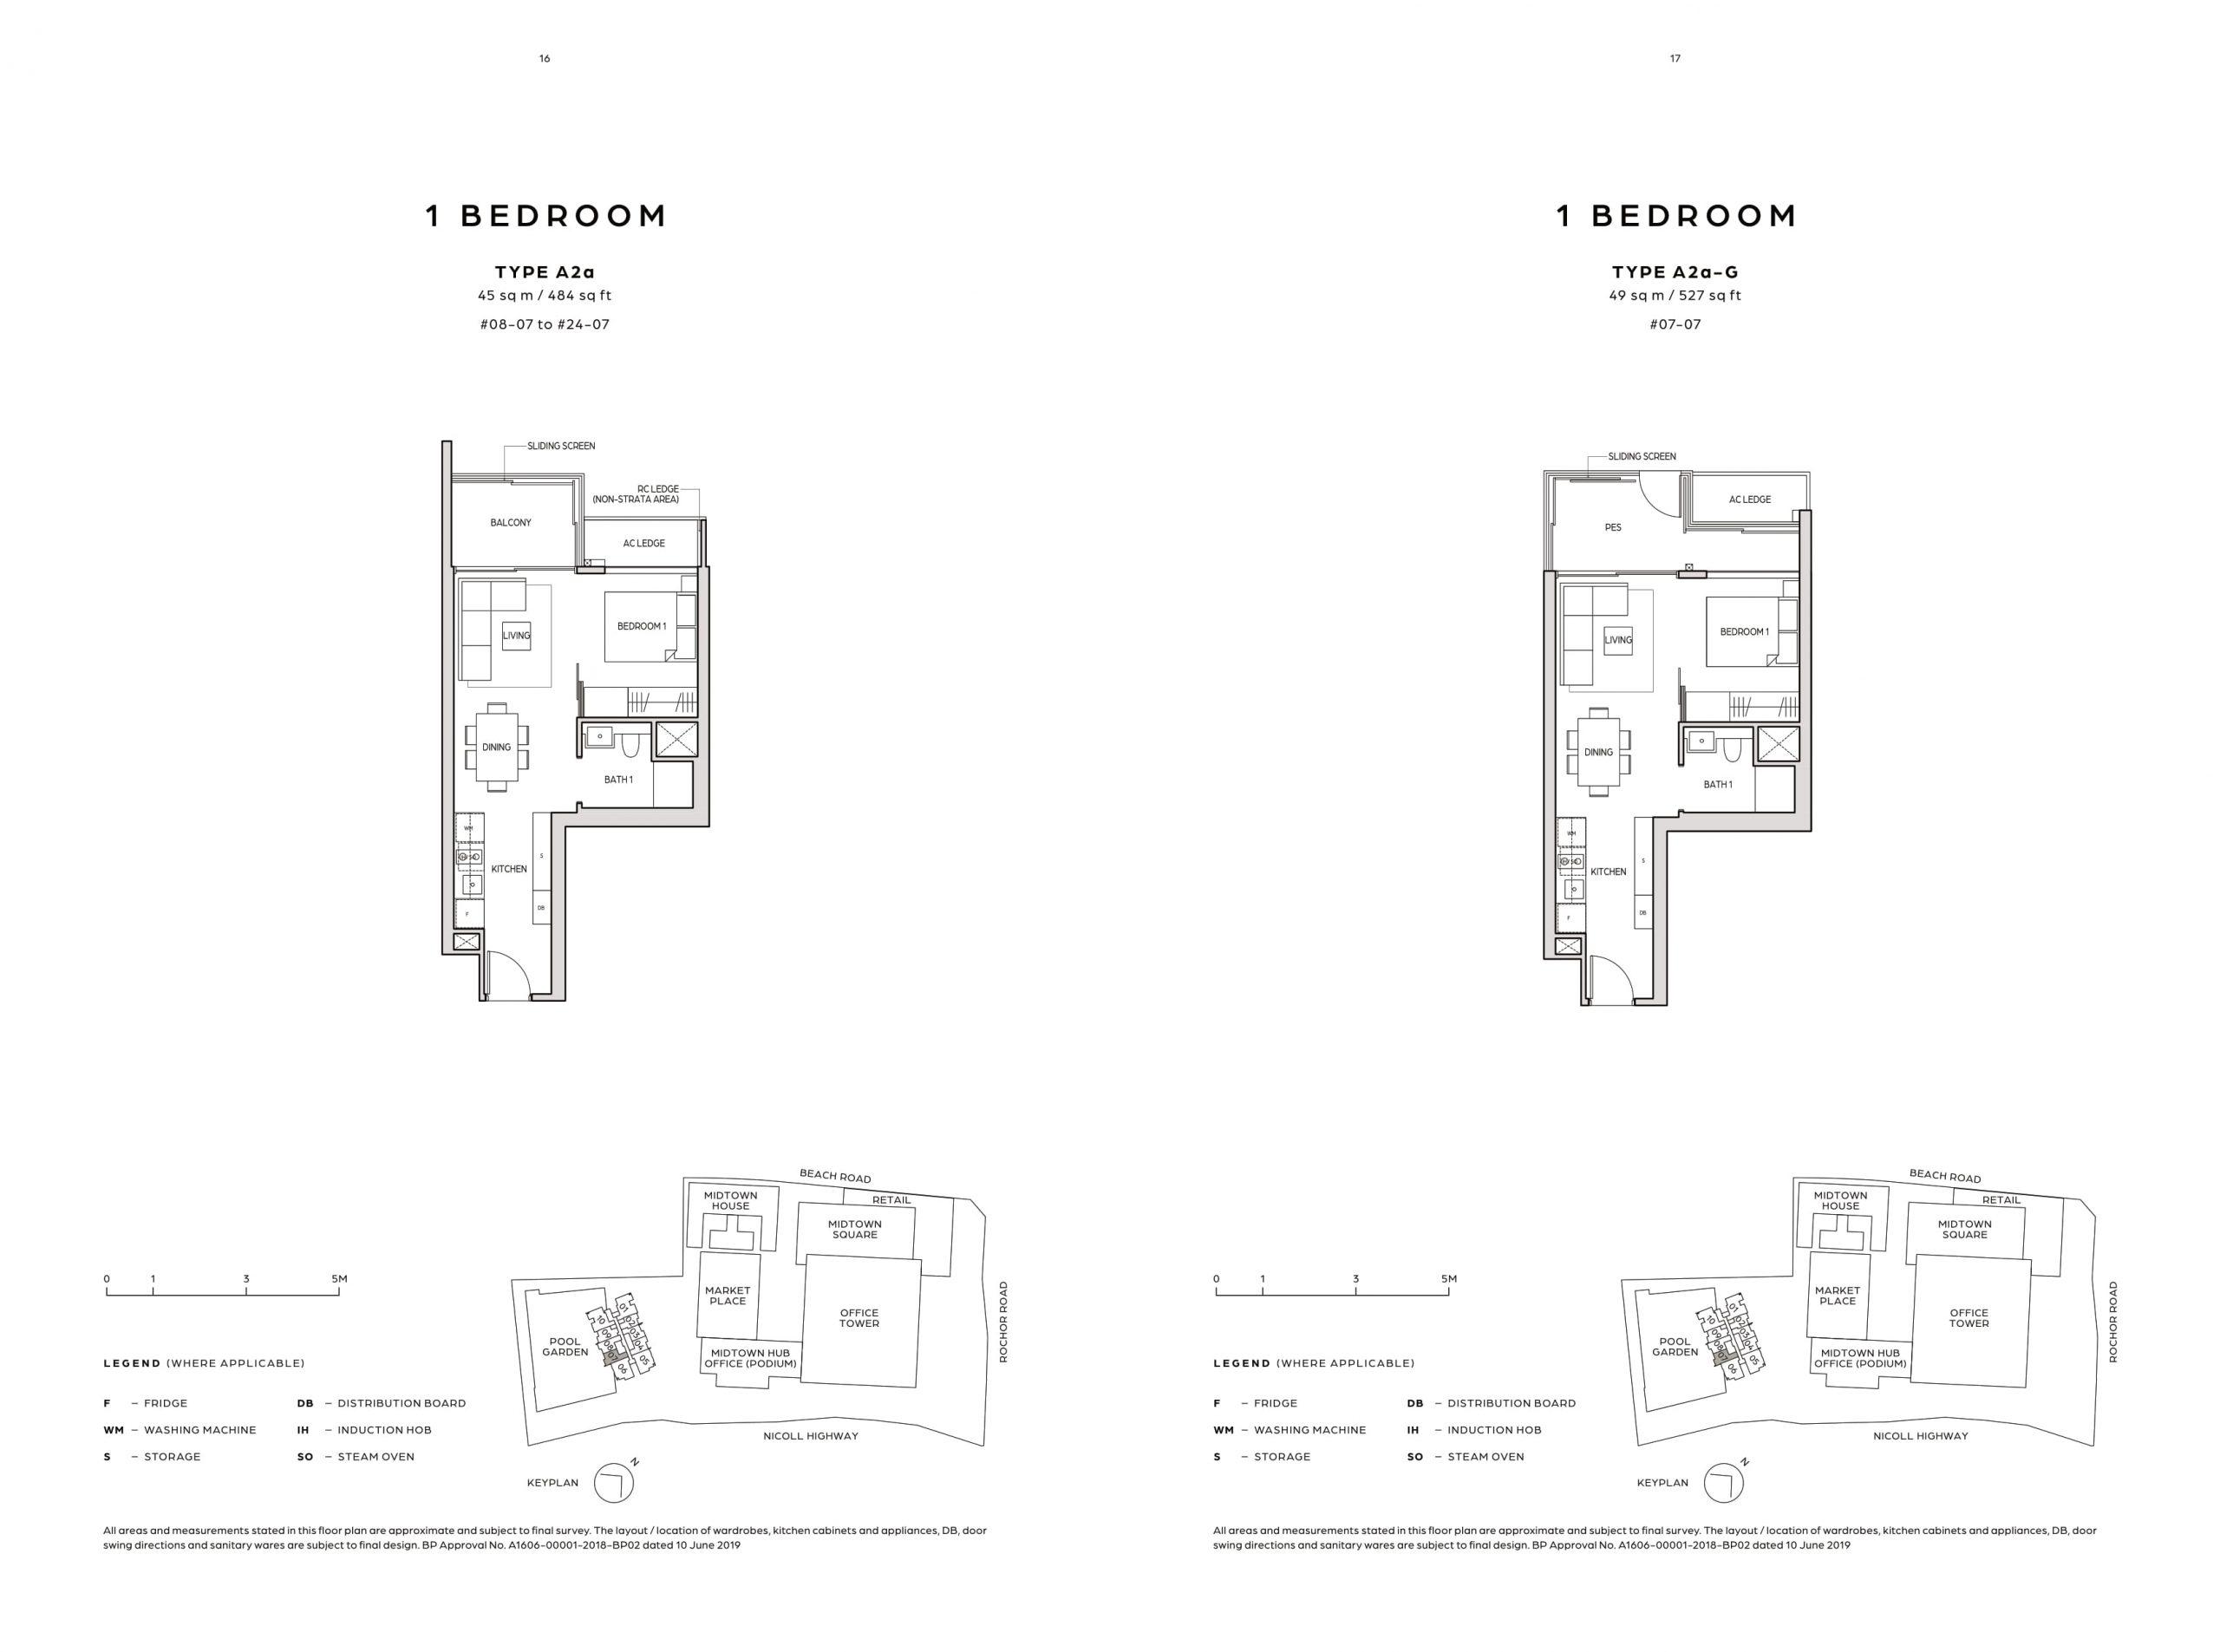 Midtown Bay's one-bedroom types